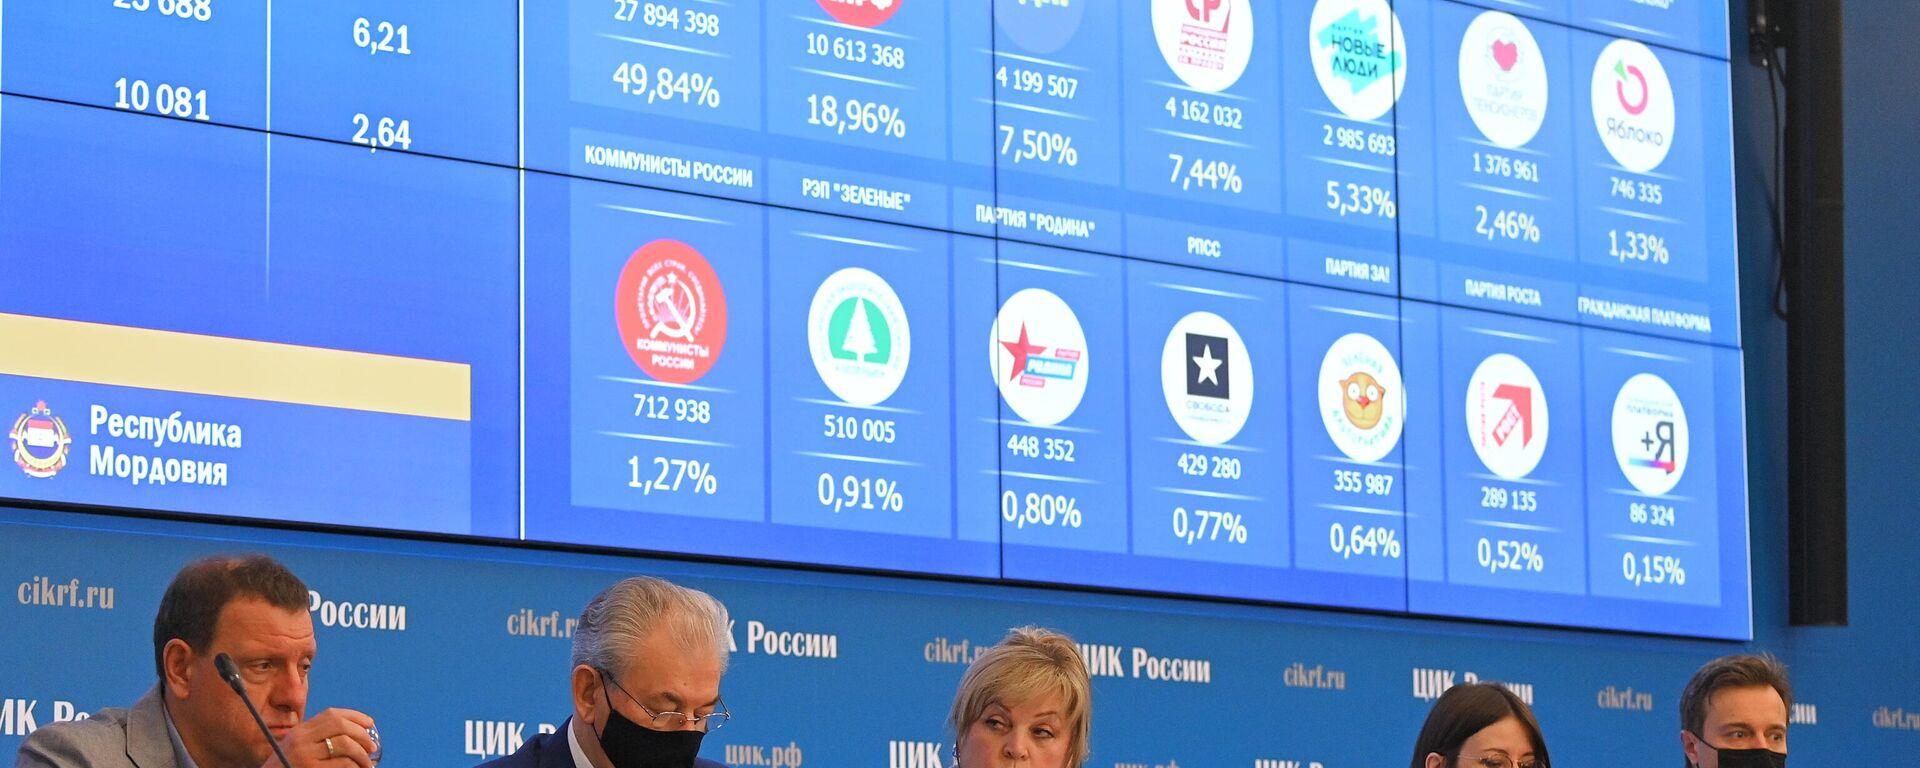 Rusya, Duma seçim - Sputnik Türkiye, 1920, 21.09.2021